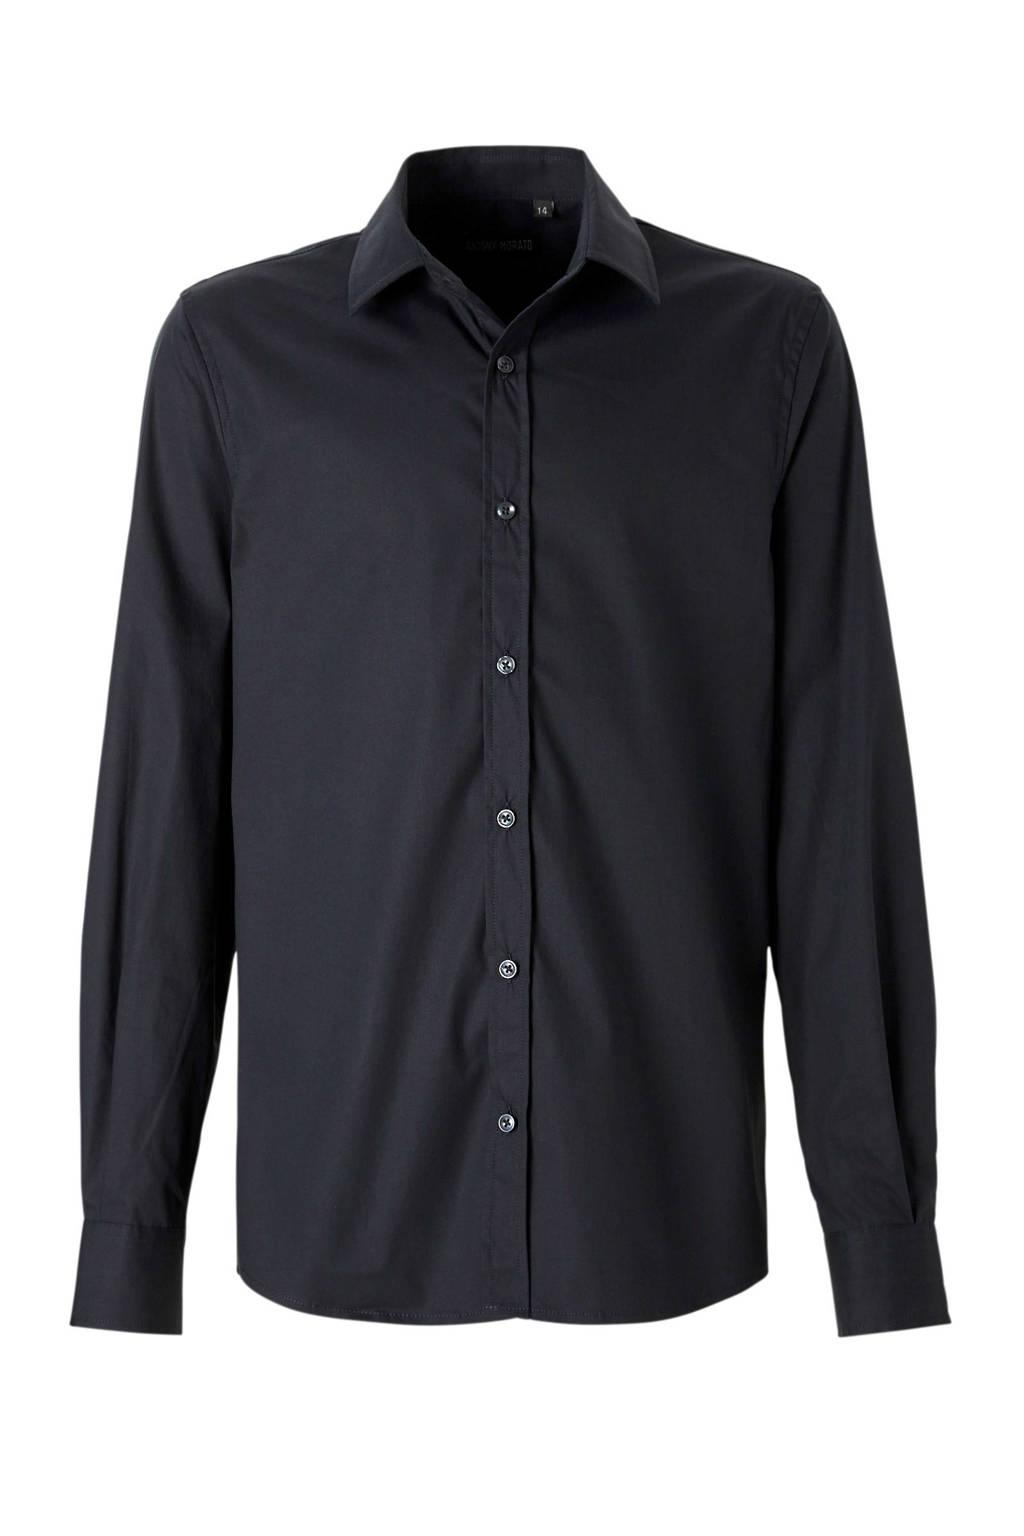 Antony Morato overhemd donkerblauw, Donkerblauw